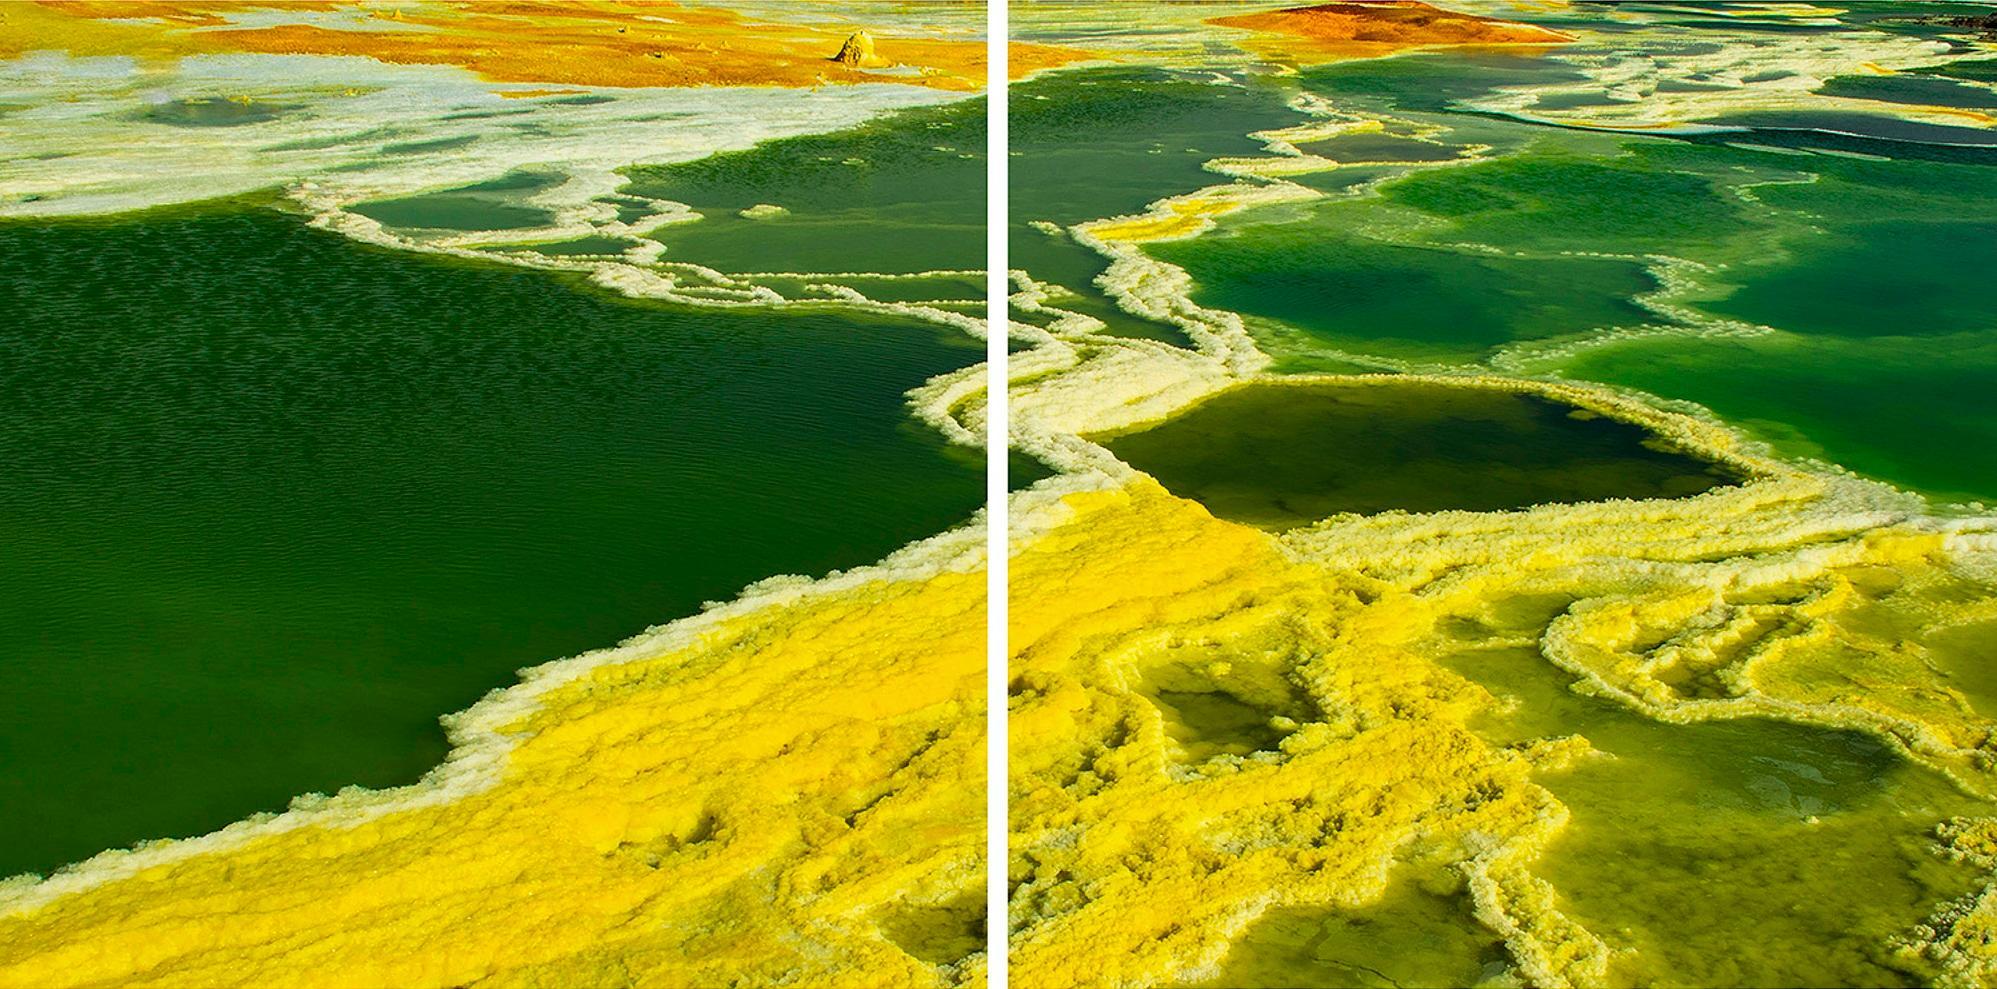 Afar I, Ethiopia - Landscape Photography